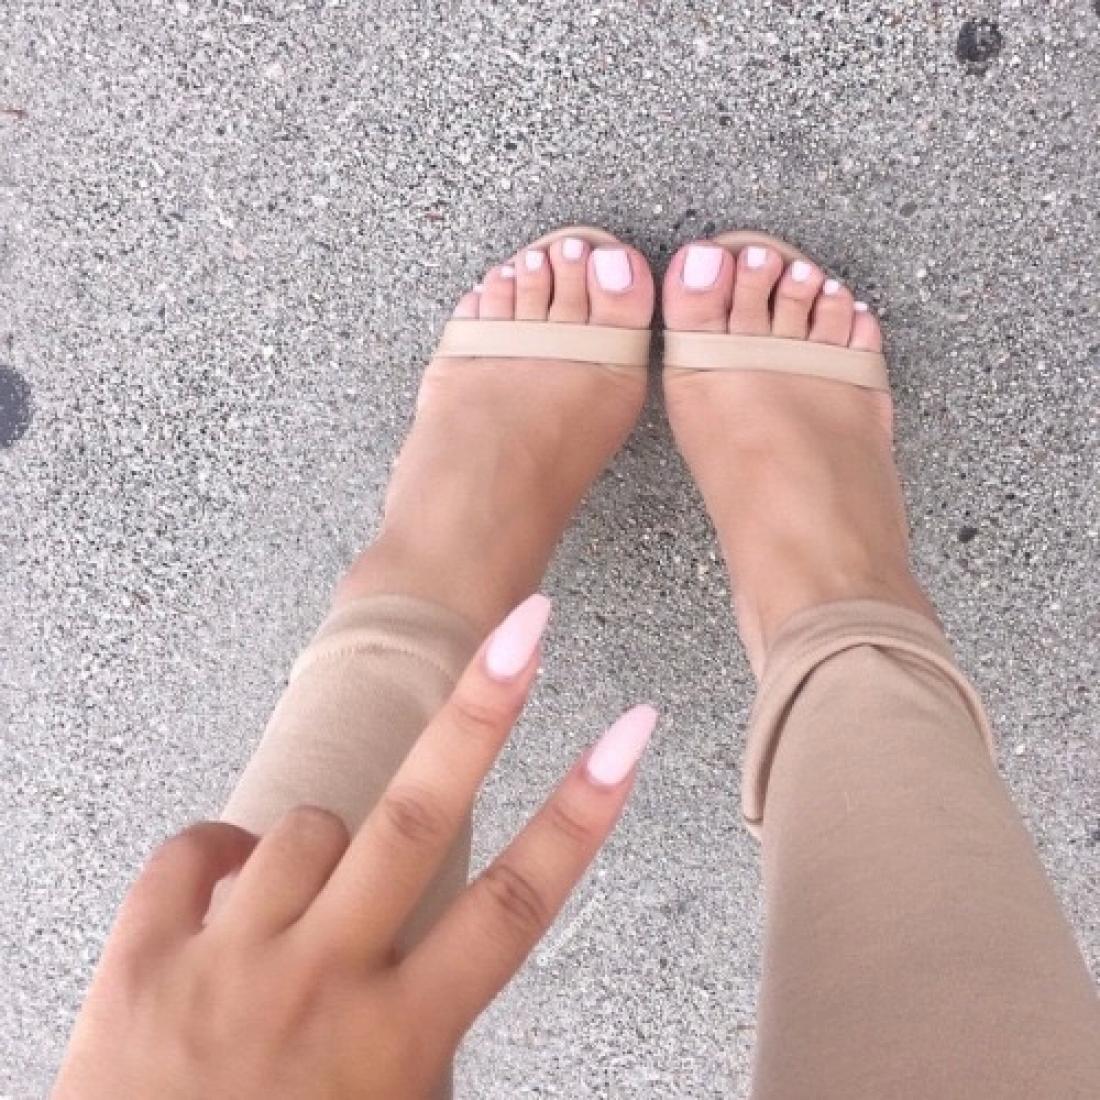 Правильный уход за ногтями и кожей ног играют не последнюю роль